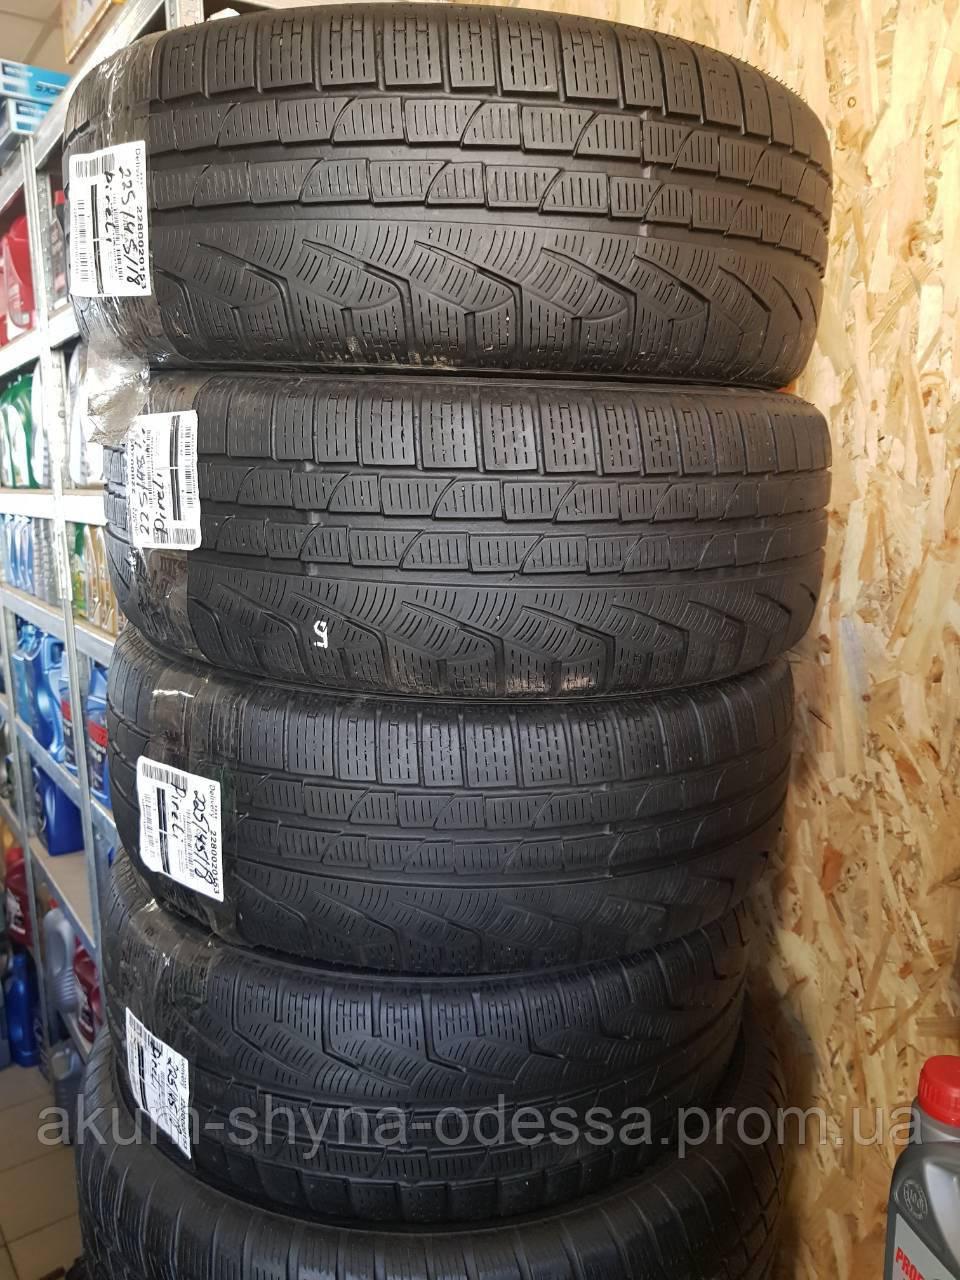 Шины зимние б/у 225/45 R18 Pirelli 6мм+ протектор. Комплект